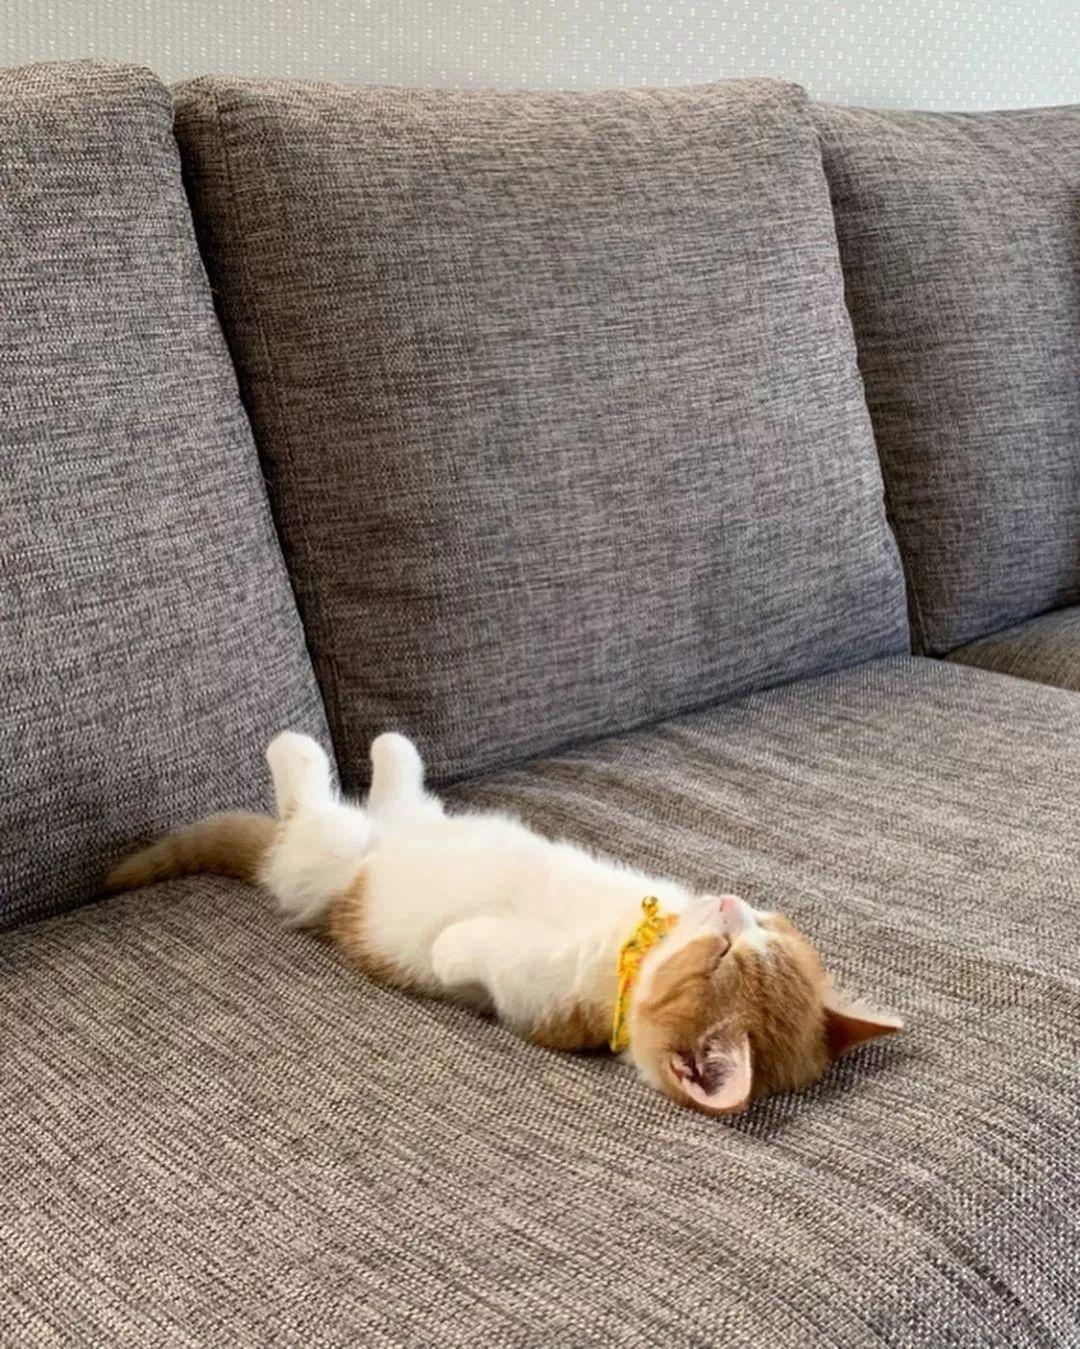 一只睡姿萌化网友的小猫咪